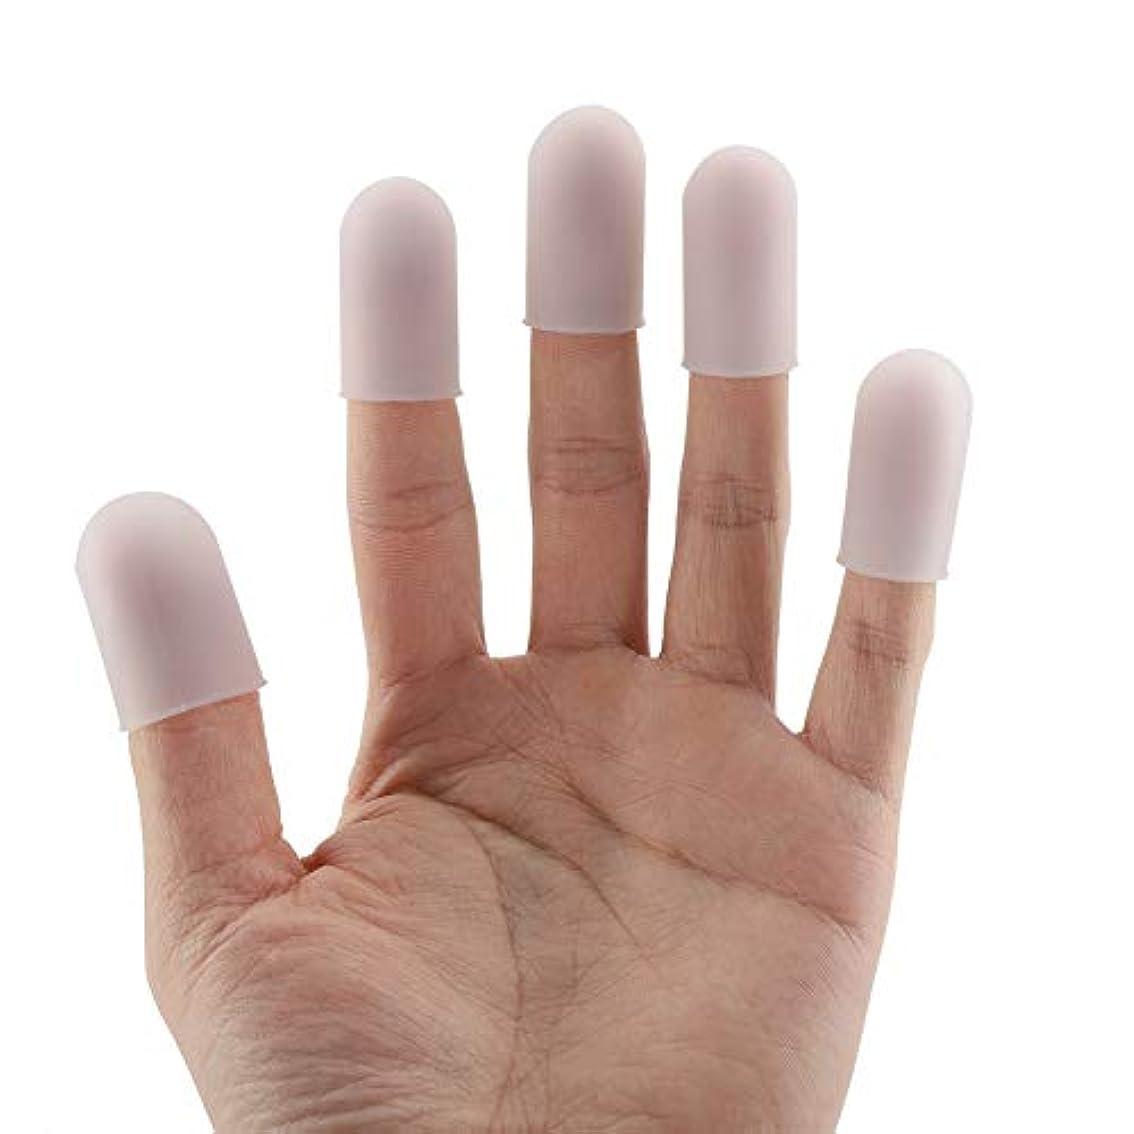 SoarUp 親指プロテクター 調理用指先カバー 指先カバー 食品用シリコーン製 再使用可能 コンパクト 幅広い用途 5個